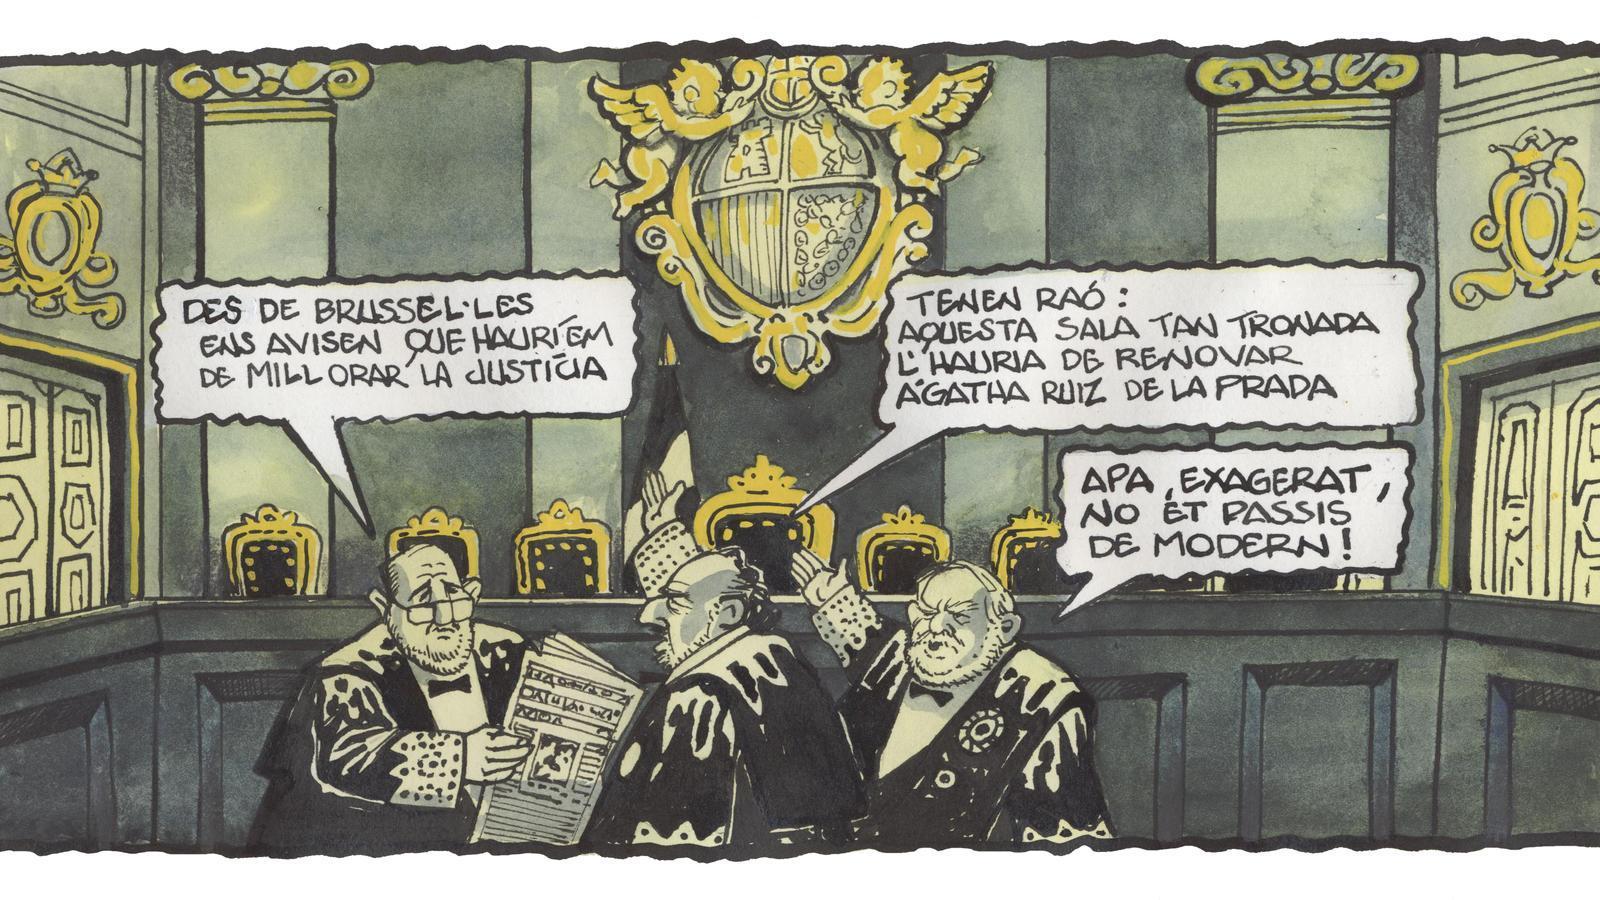 'A la contra', per Ferreres 06/10/2020